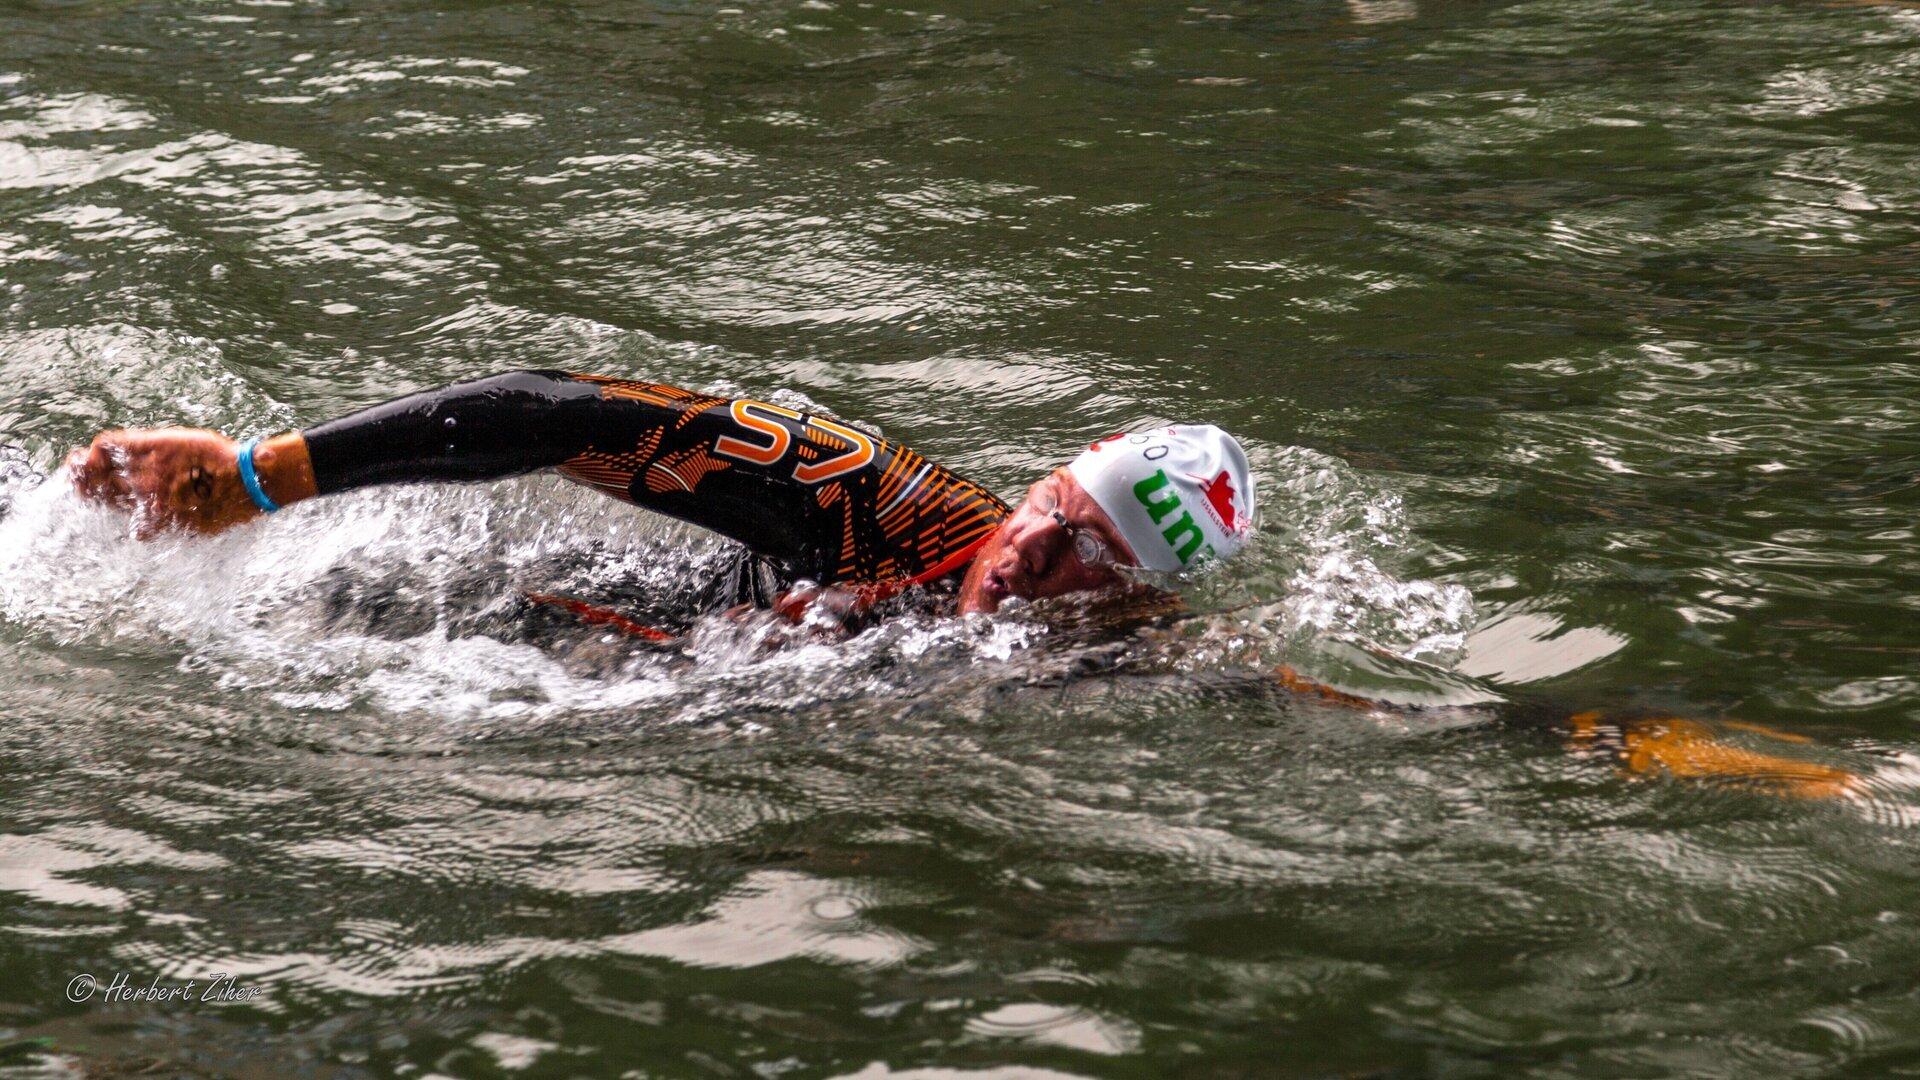 a-local-swim-zwemmer-2-herbert-ziher-.jpg